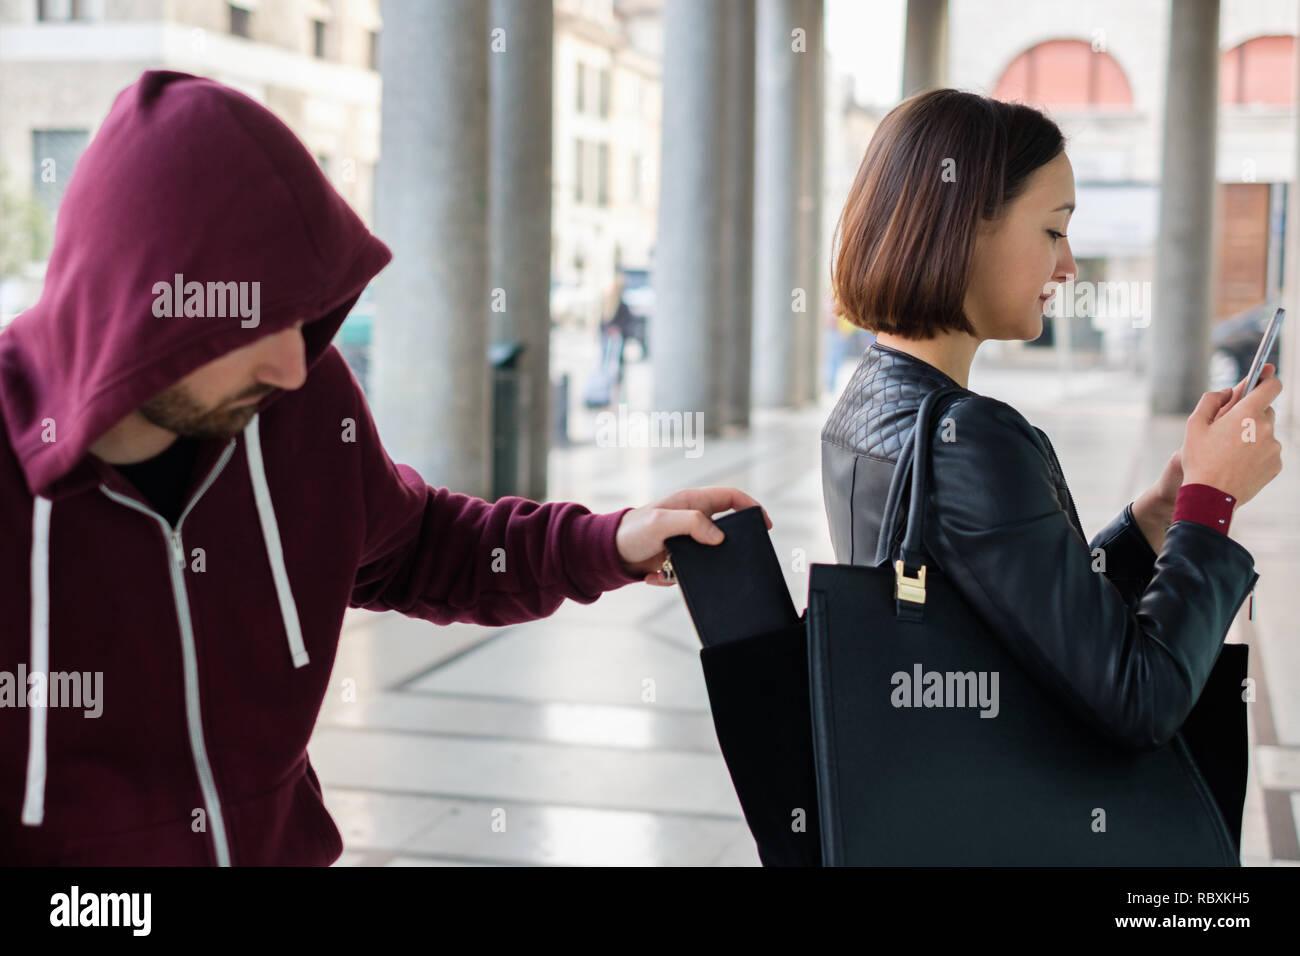 ec822636f27d2 Einbrecher stehlen Geld Portemonnaie aus der Handtasche einer zerstreuten  Frau Stockbild